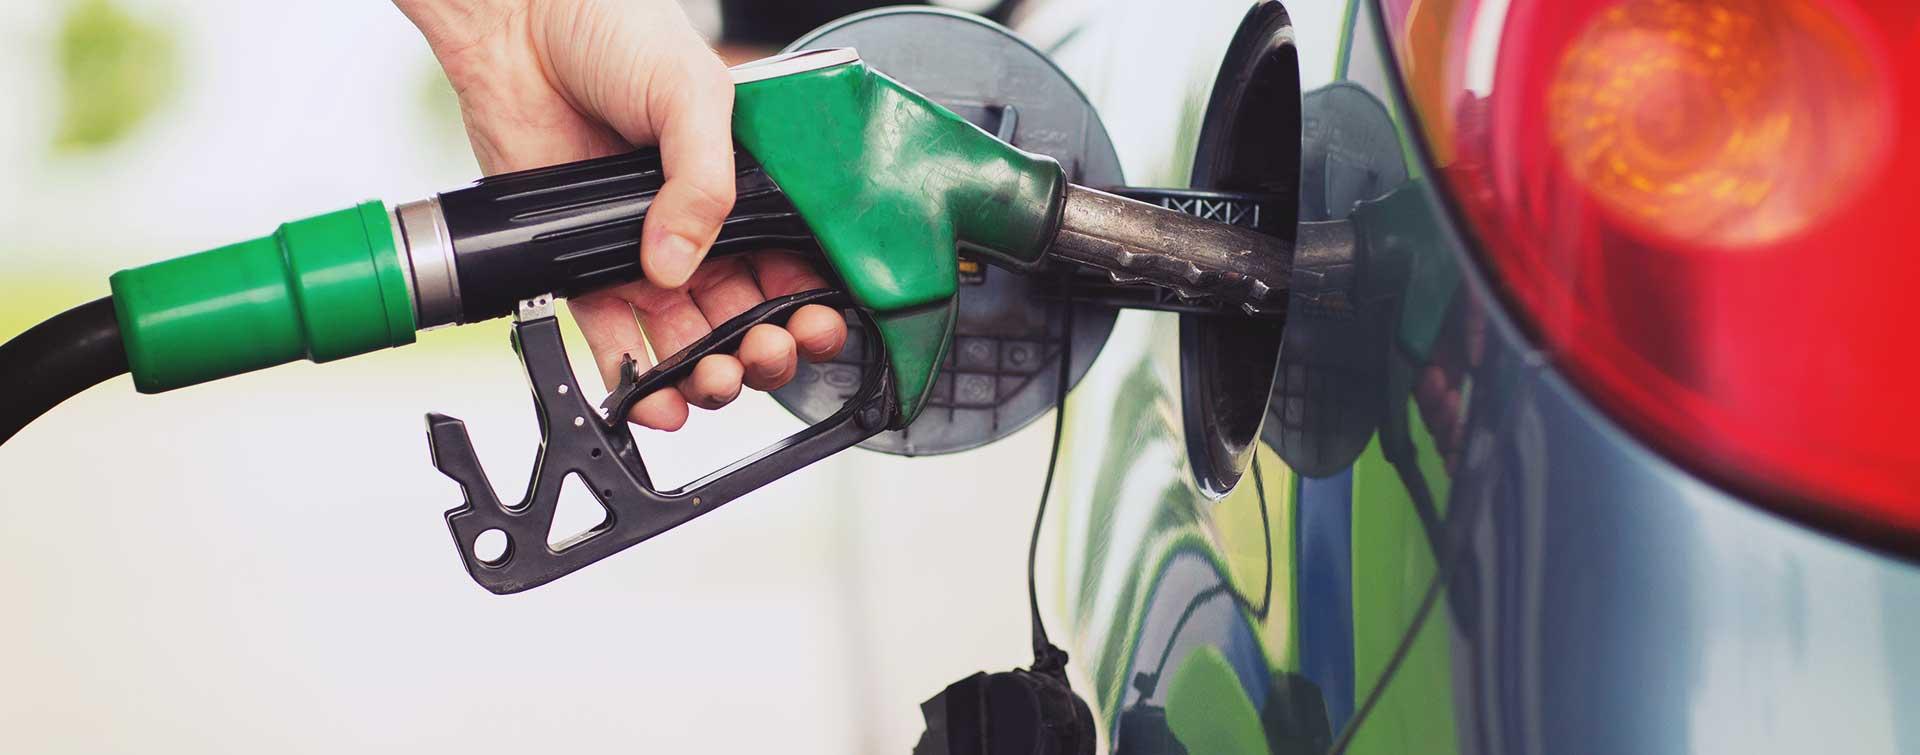 Jak otworzyć stację benzynową w modelu franczyzowym?